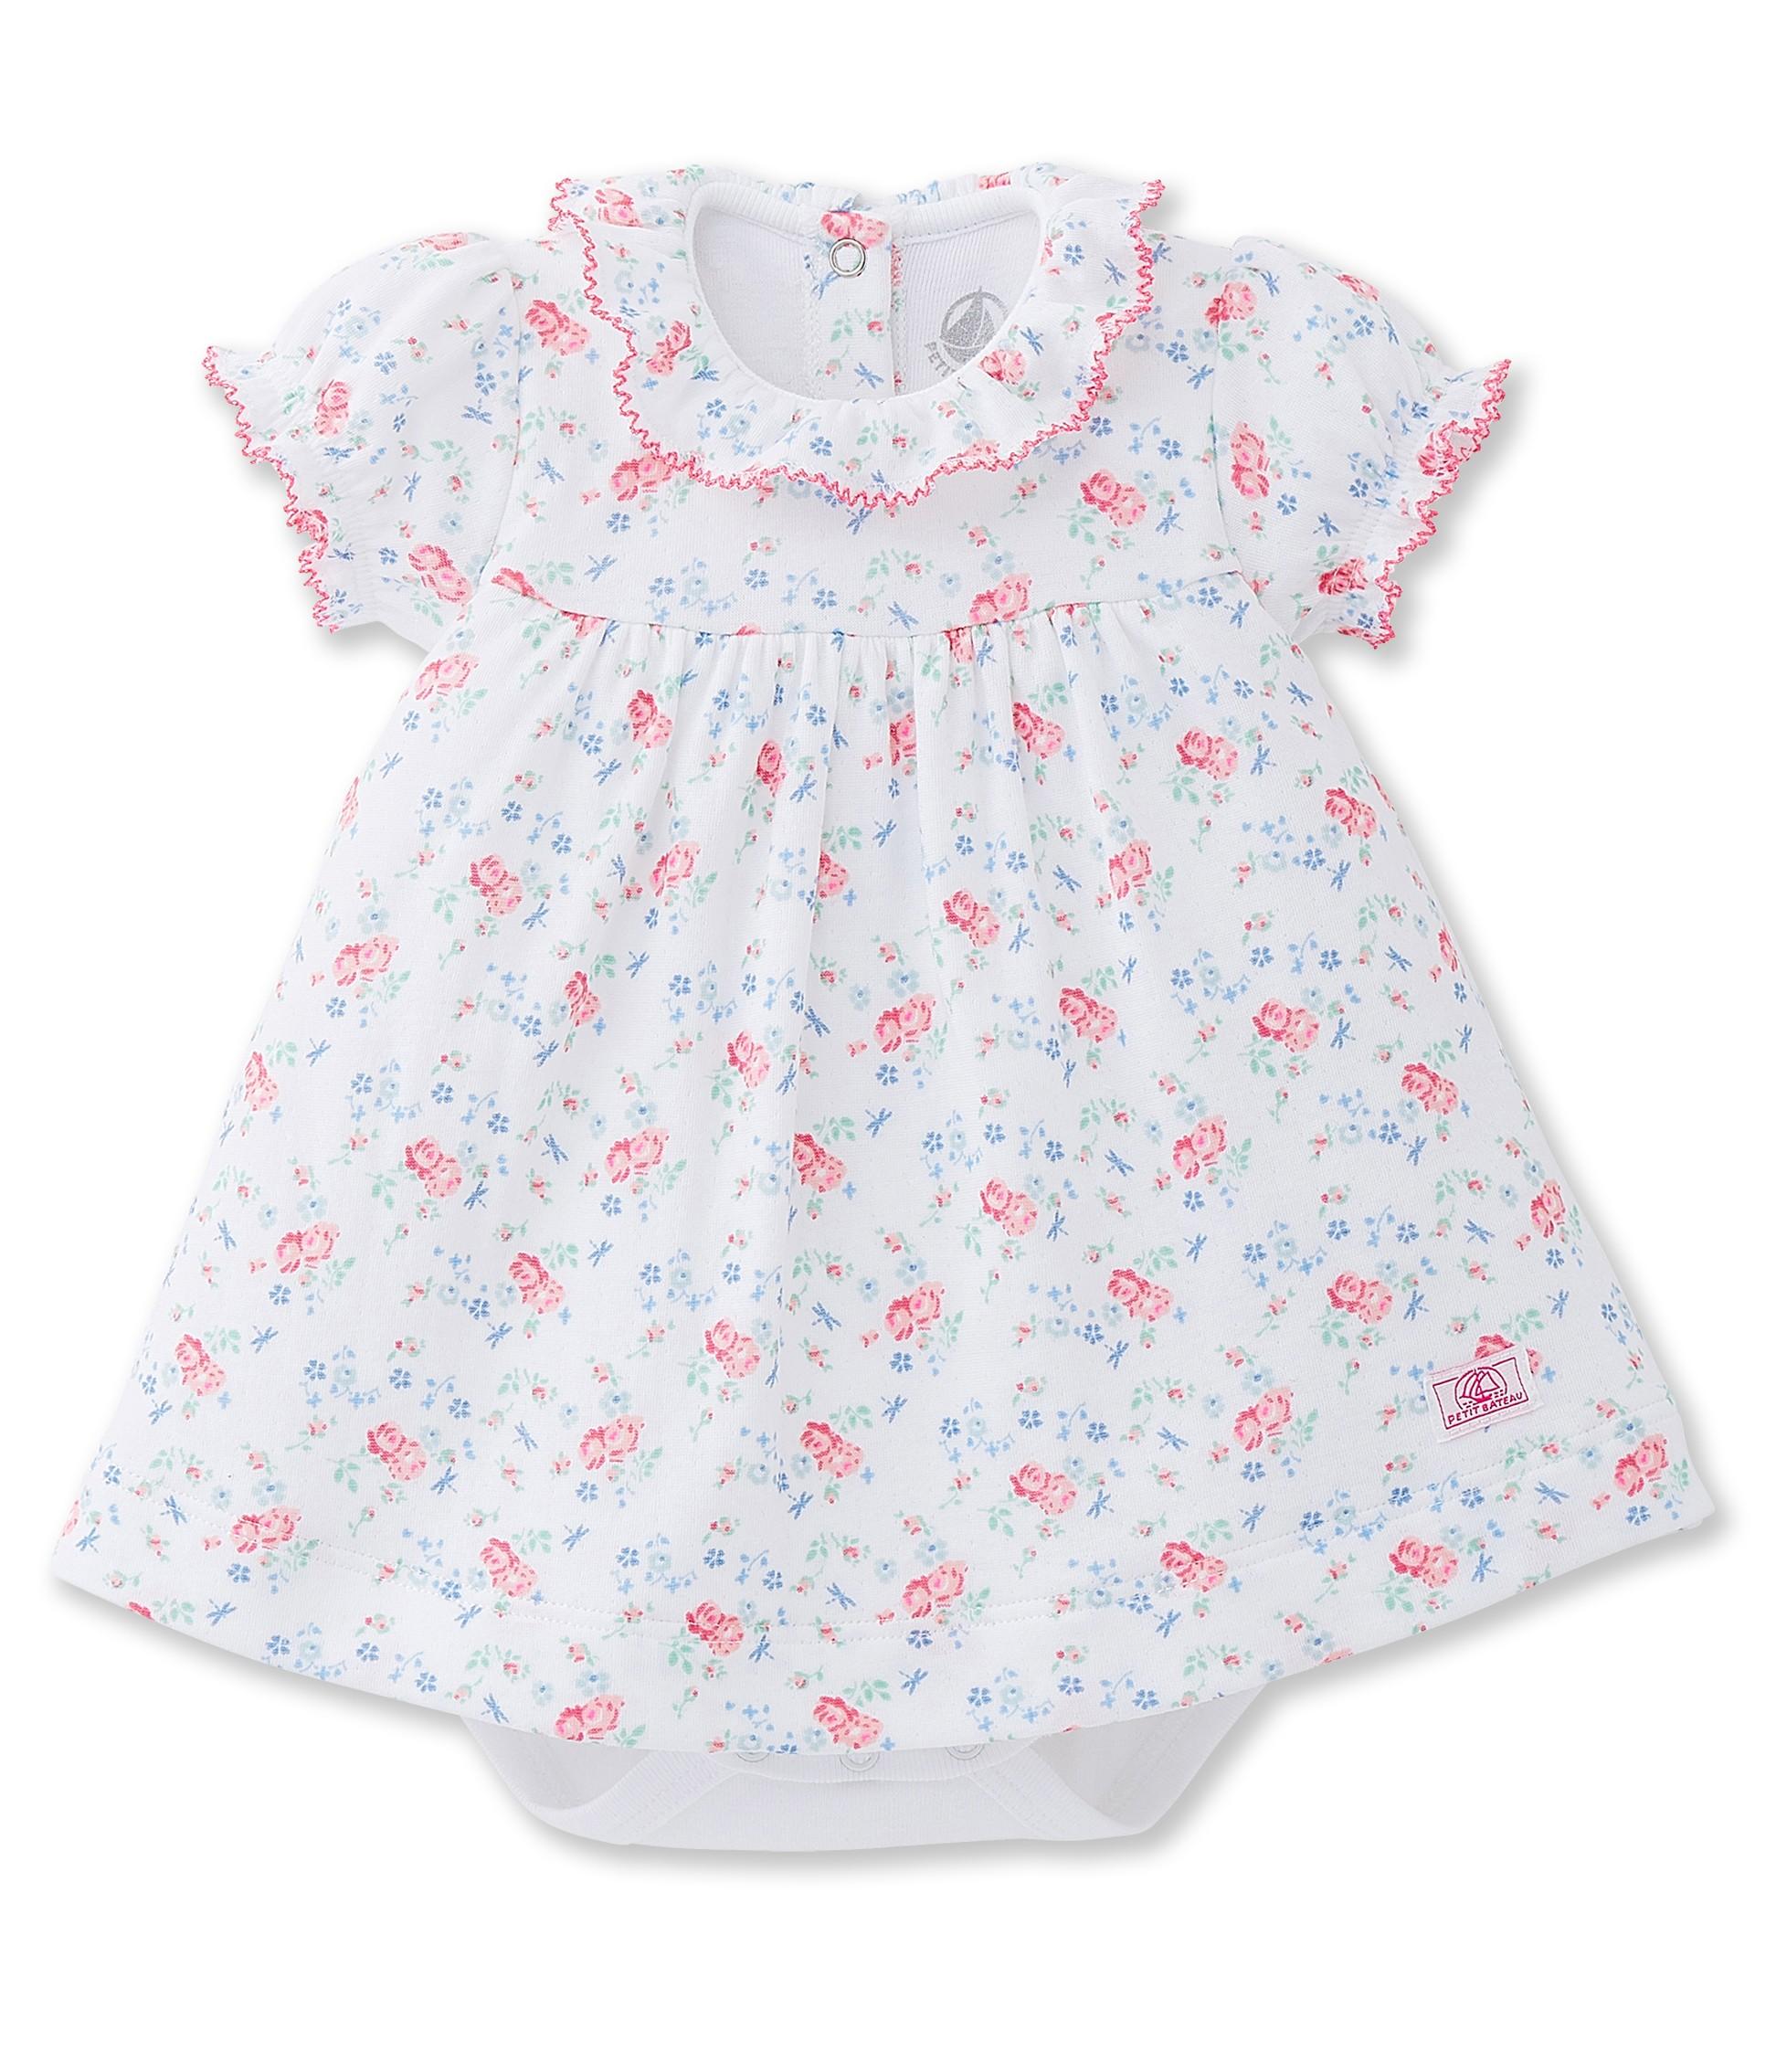 Baby girl flower print bodysuit dress in a flower print tube knit